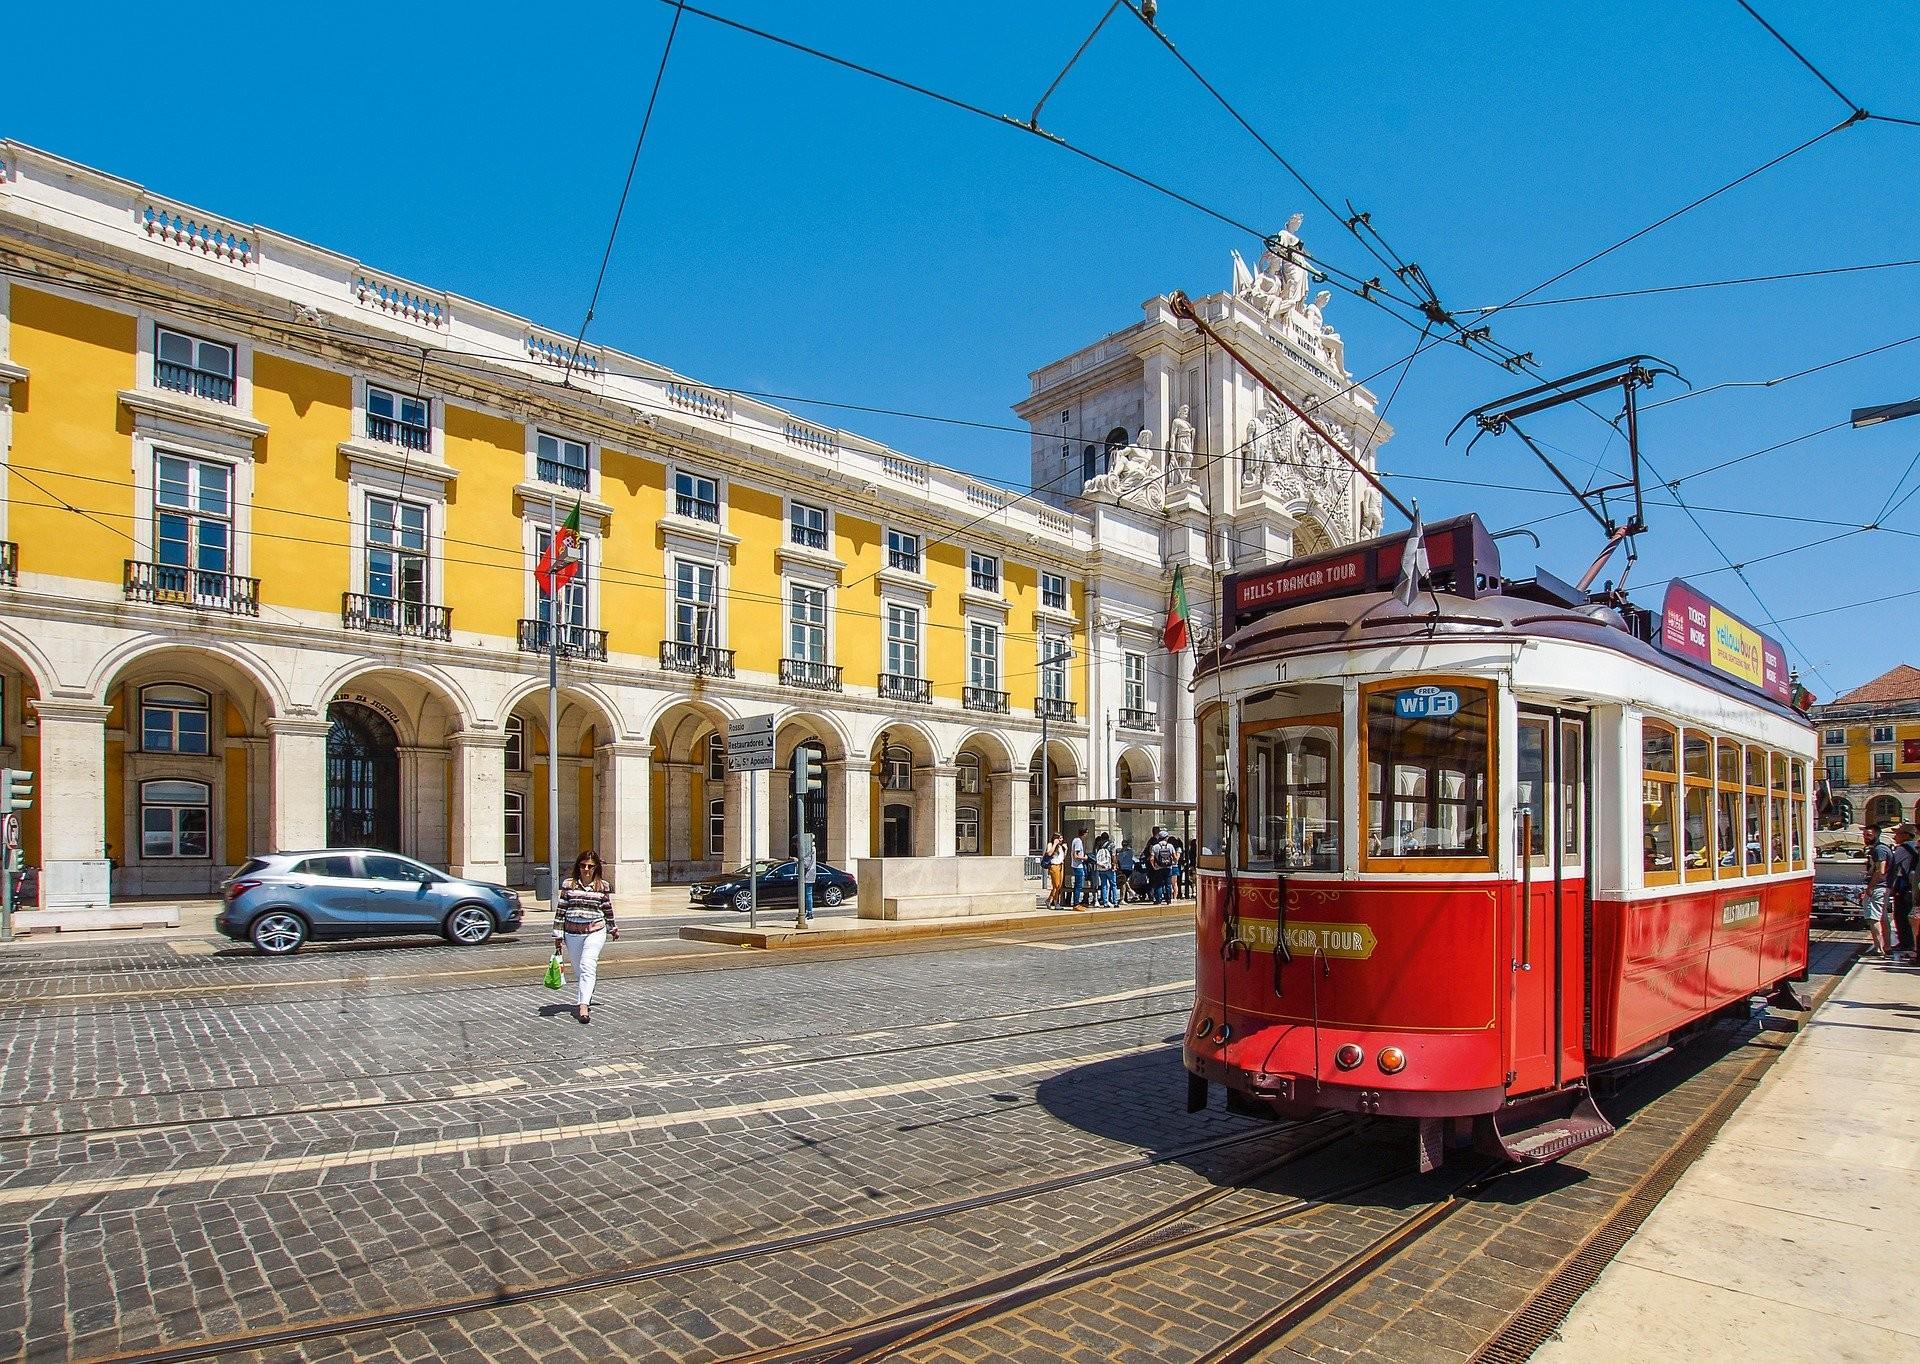 Erasmusowe doświadczenie w Lizbonie, Portugalia według Alessandry